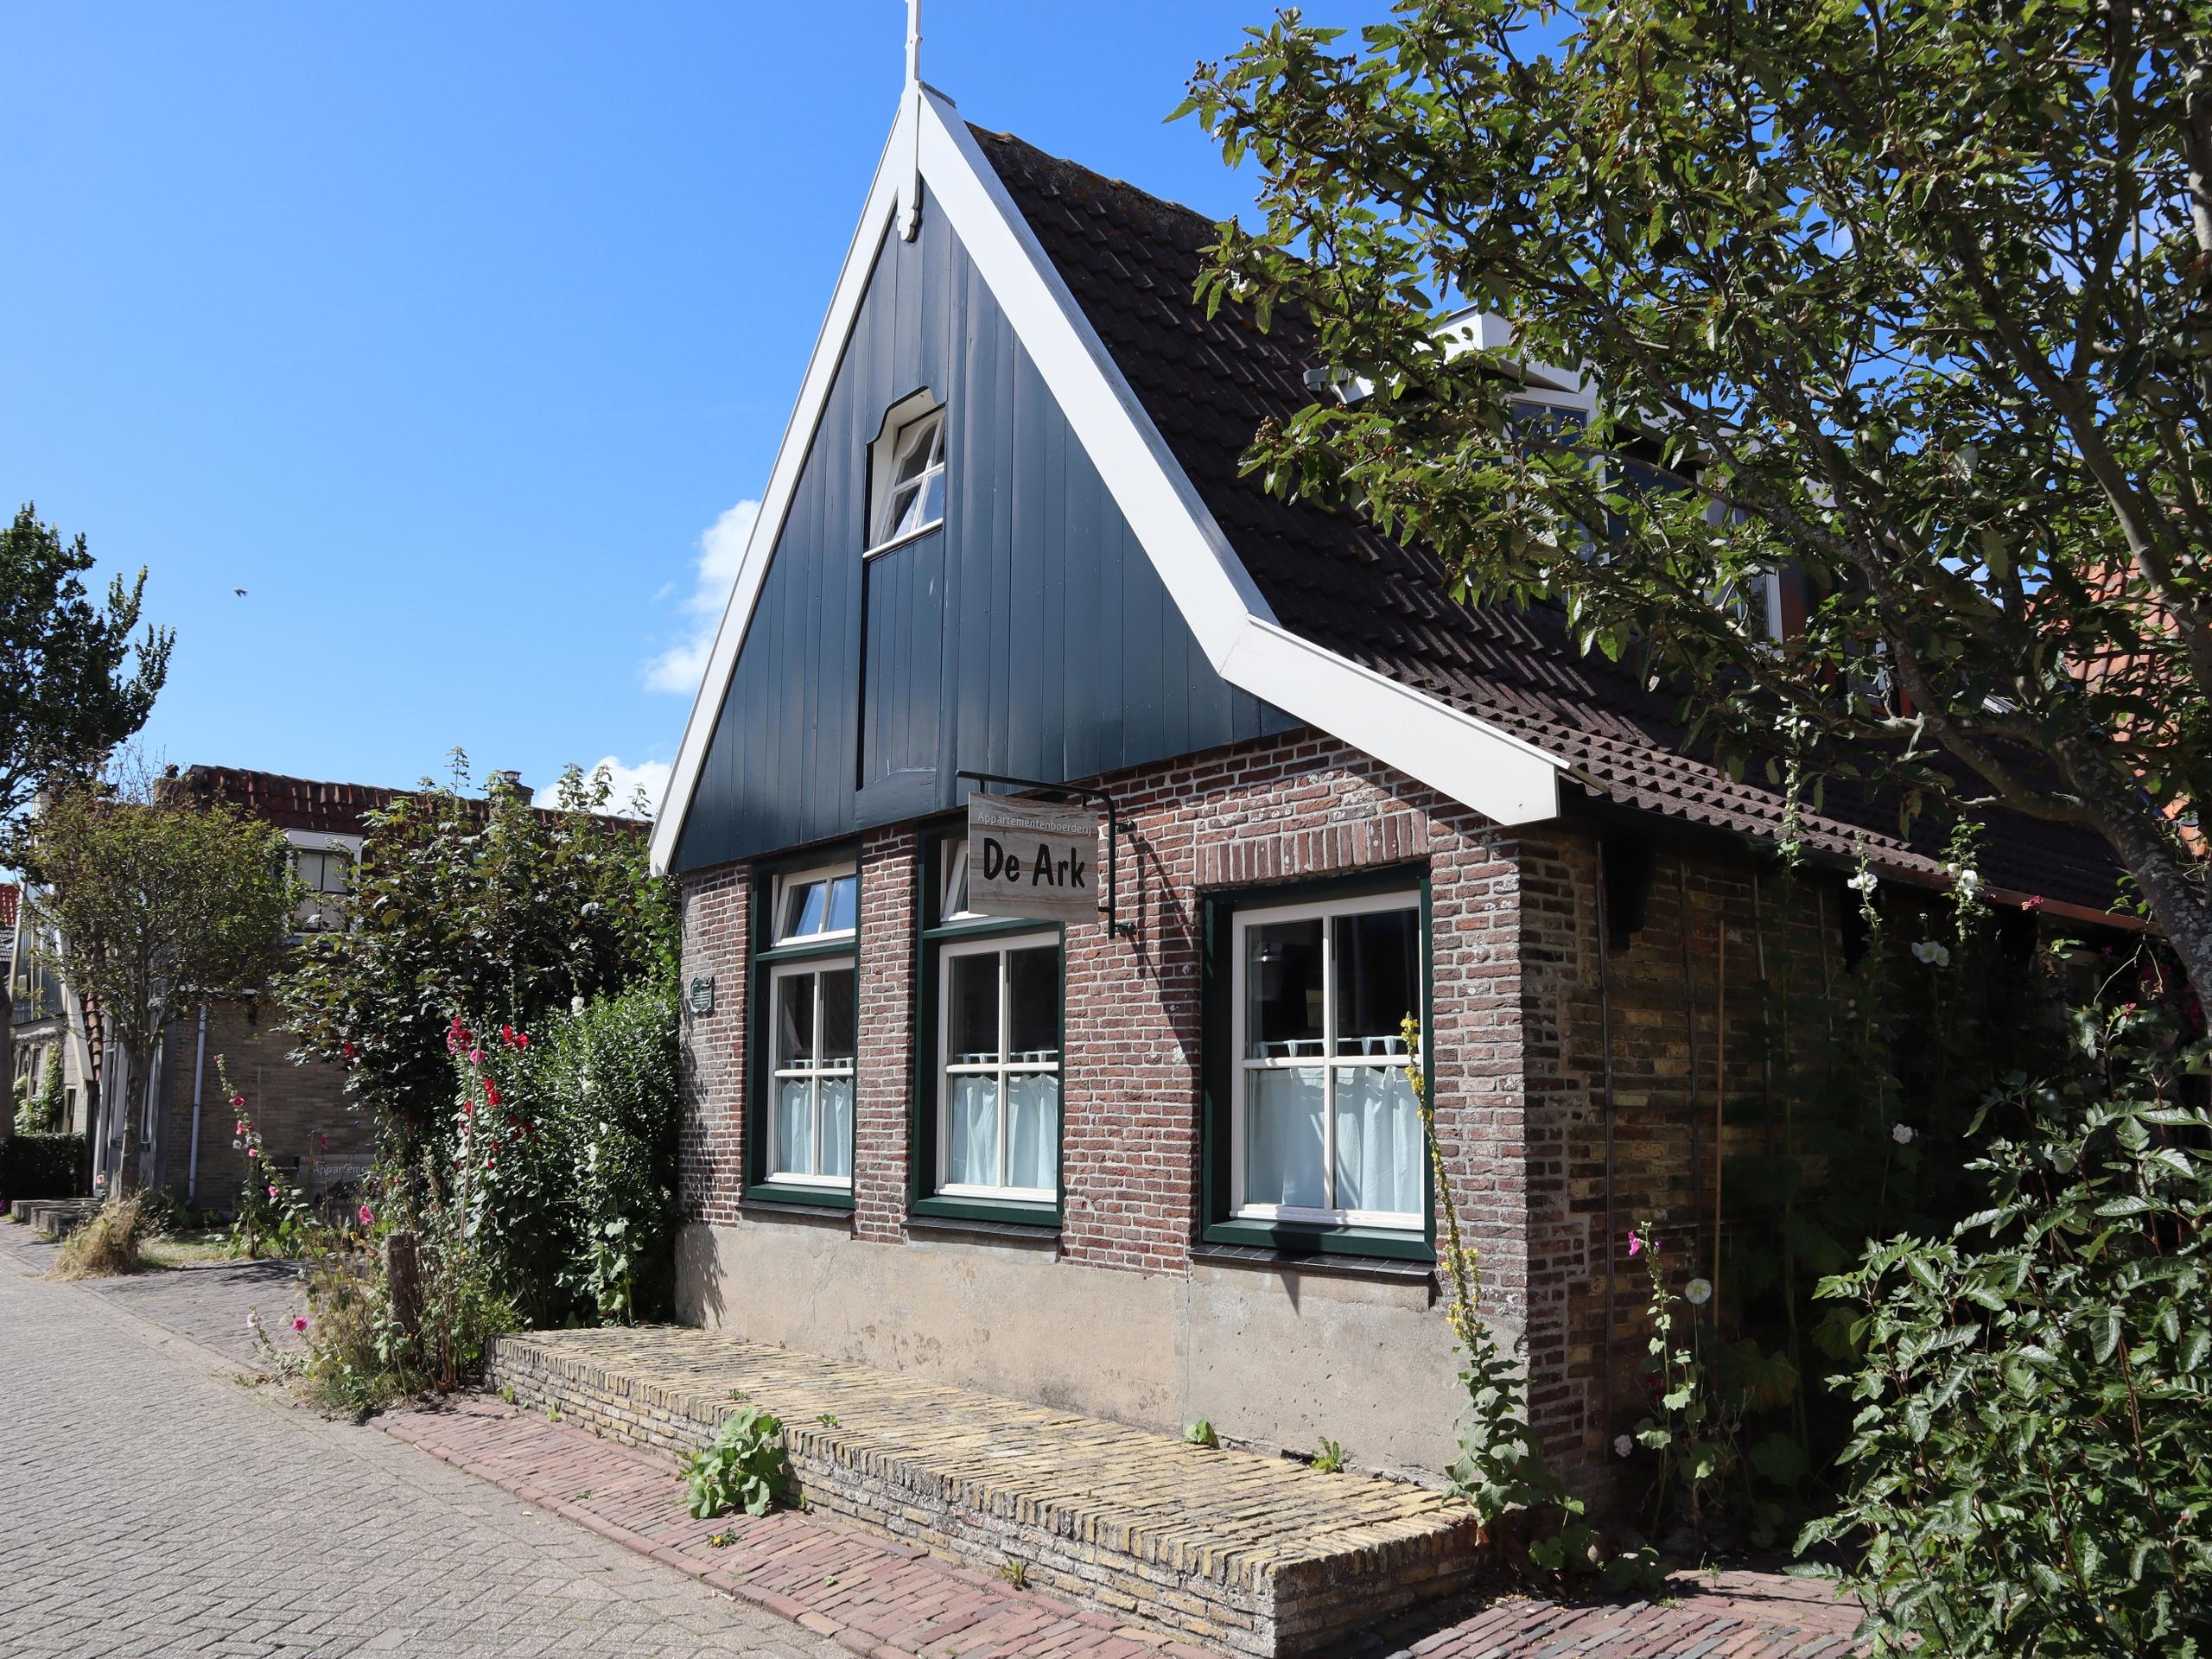 Appartement in monumentaal boerderij in Den Hoorn